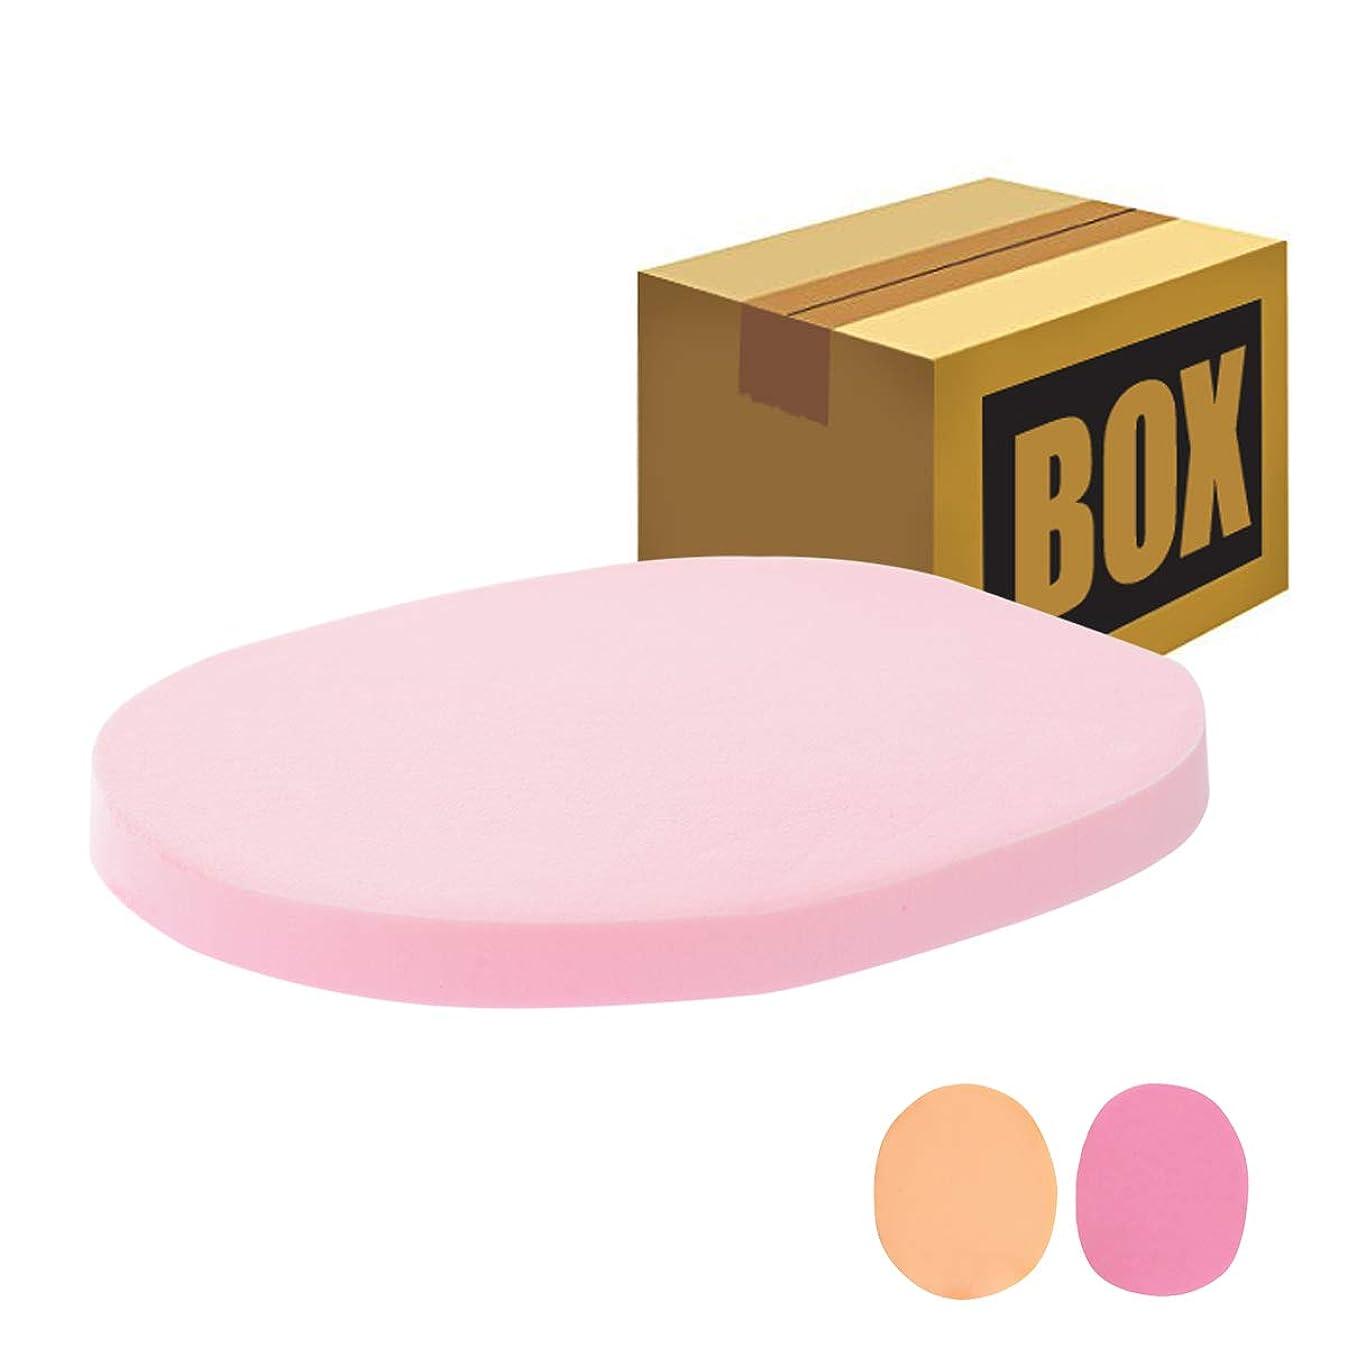 なくなる正確にとは異なりフェイシャルスポンジ 全4種 7mm厚 (きめ細かい) 30枚入 ピンク [ フェイススポンジ マッサージスポンジ フェイシャル フェイス 顔用 洗顔 エステ スポンジ パフ クレンジング パック マスク 拭き取り ]